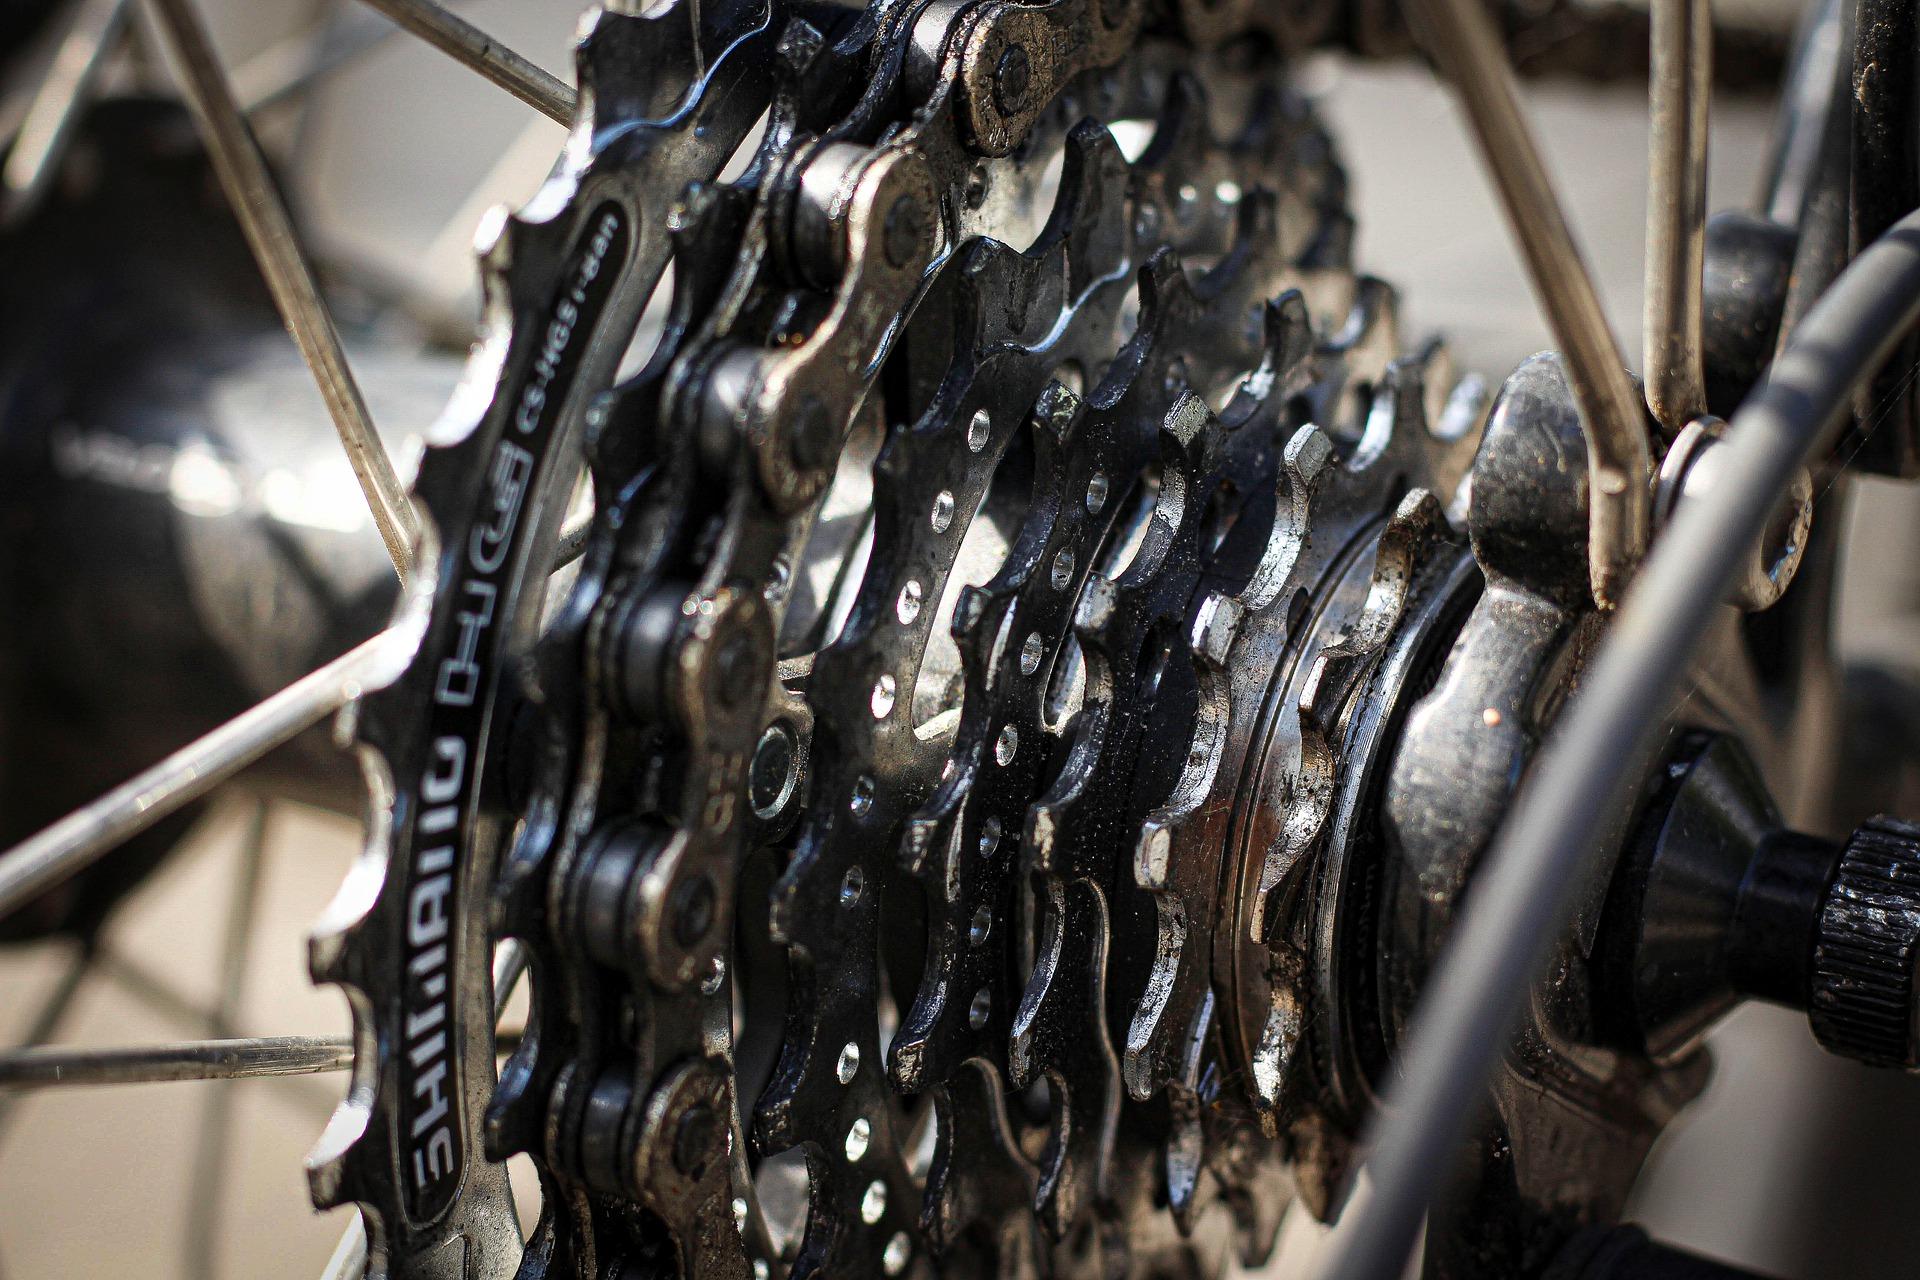 Discos de una bicicleta bien limpios